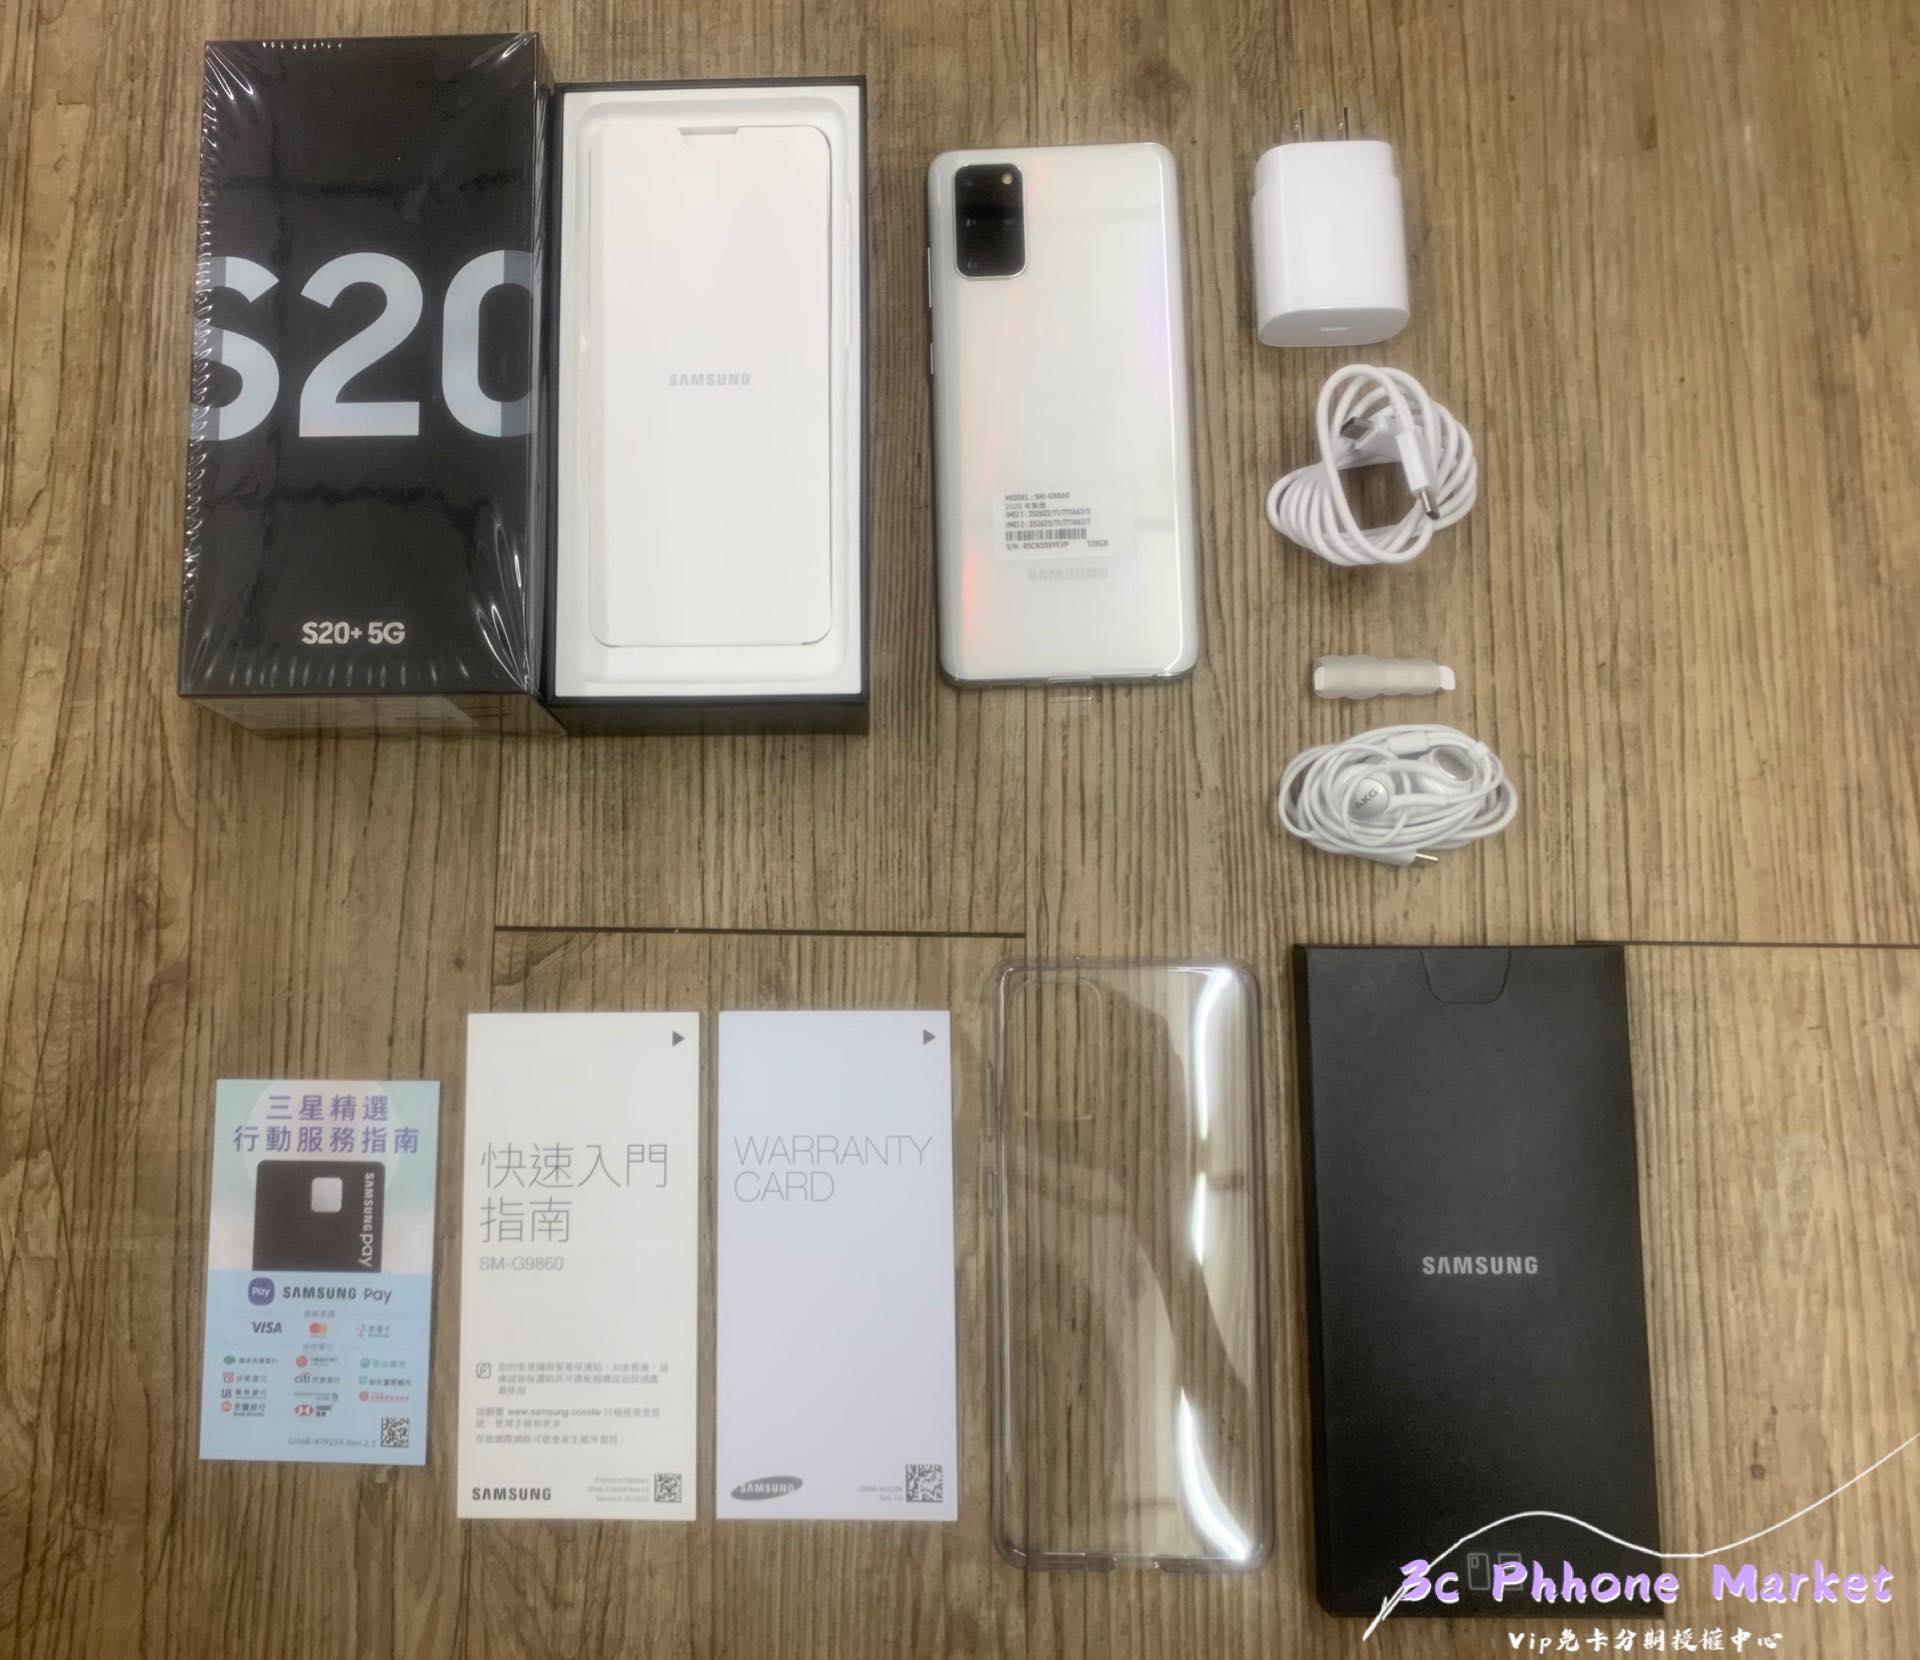 【開箱】Samsung Galaxy S20+5G 晴空白 超棒的高畫質8K 2